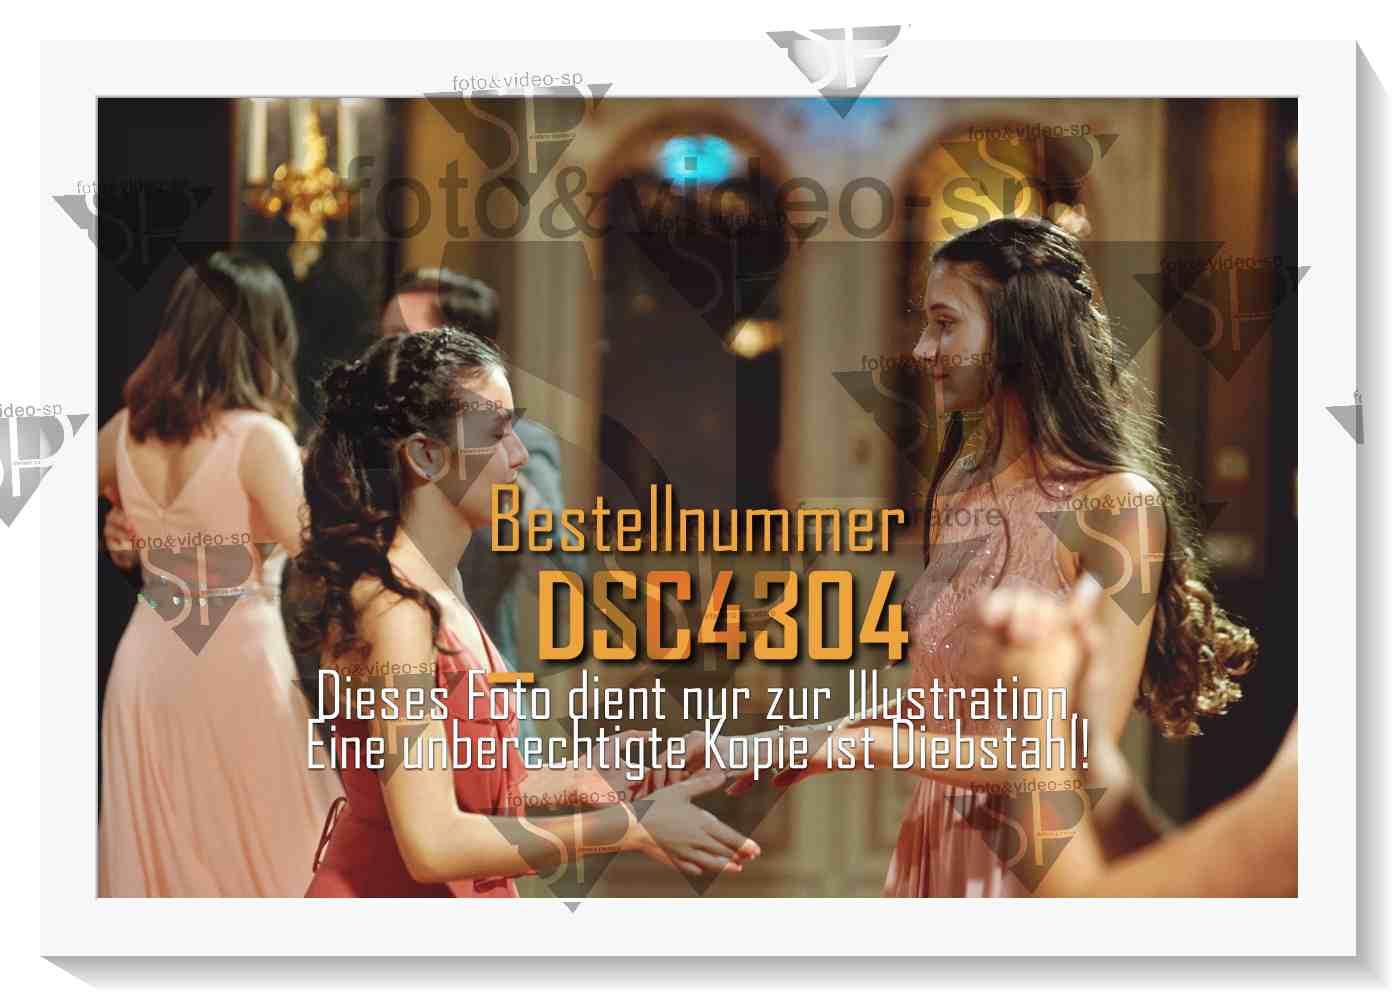 DSC4304